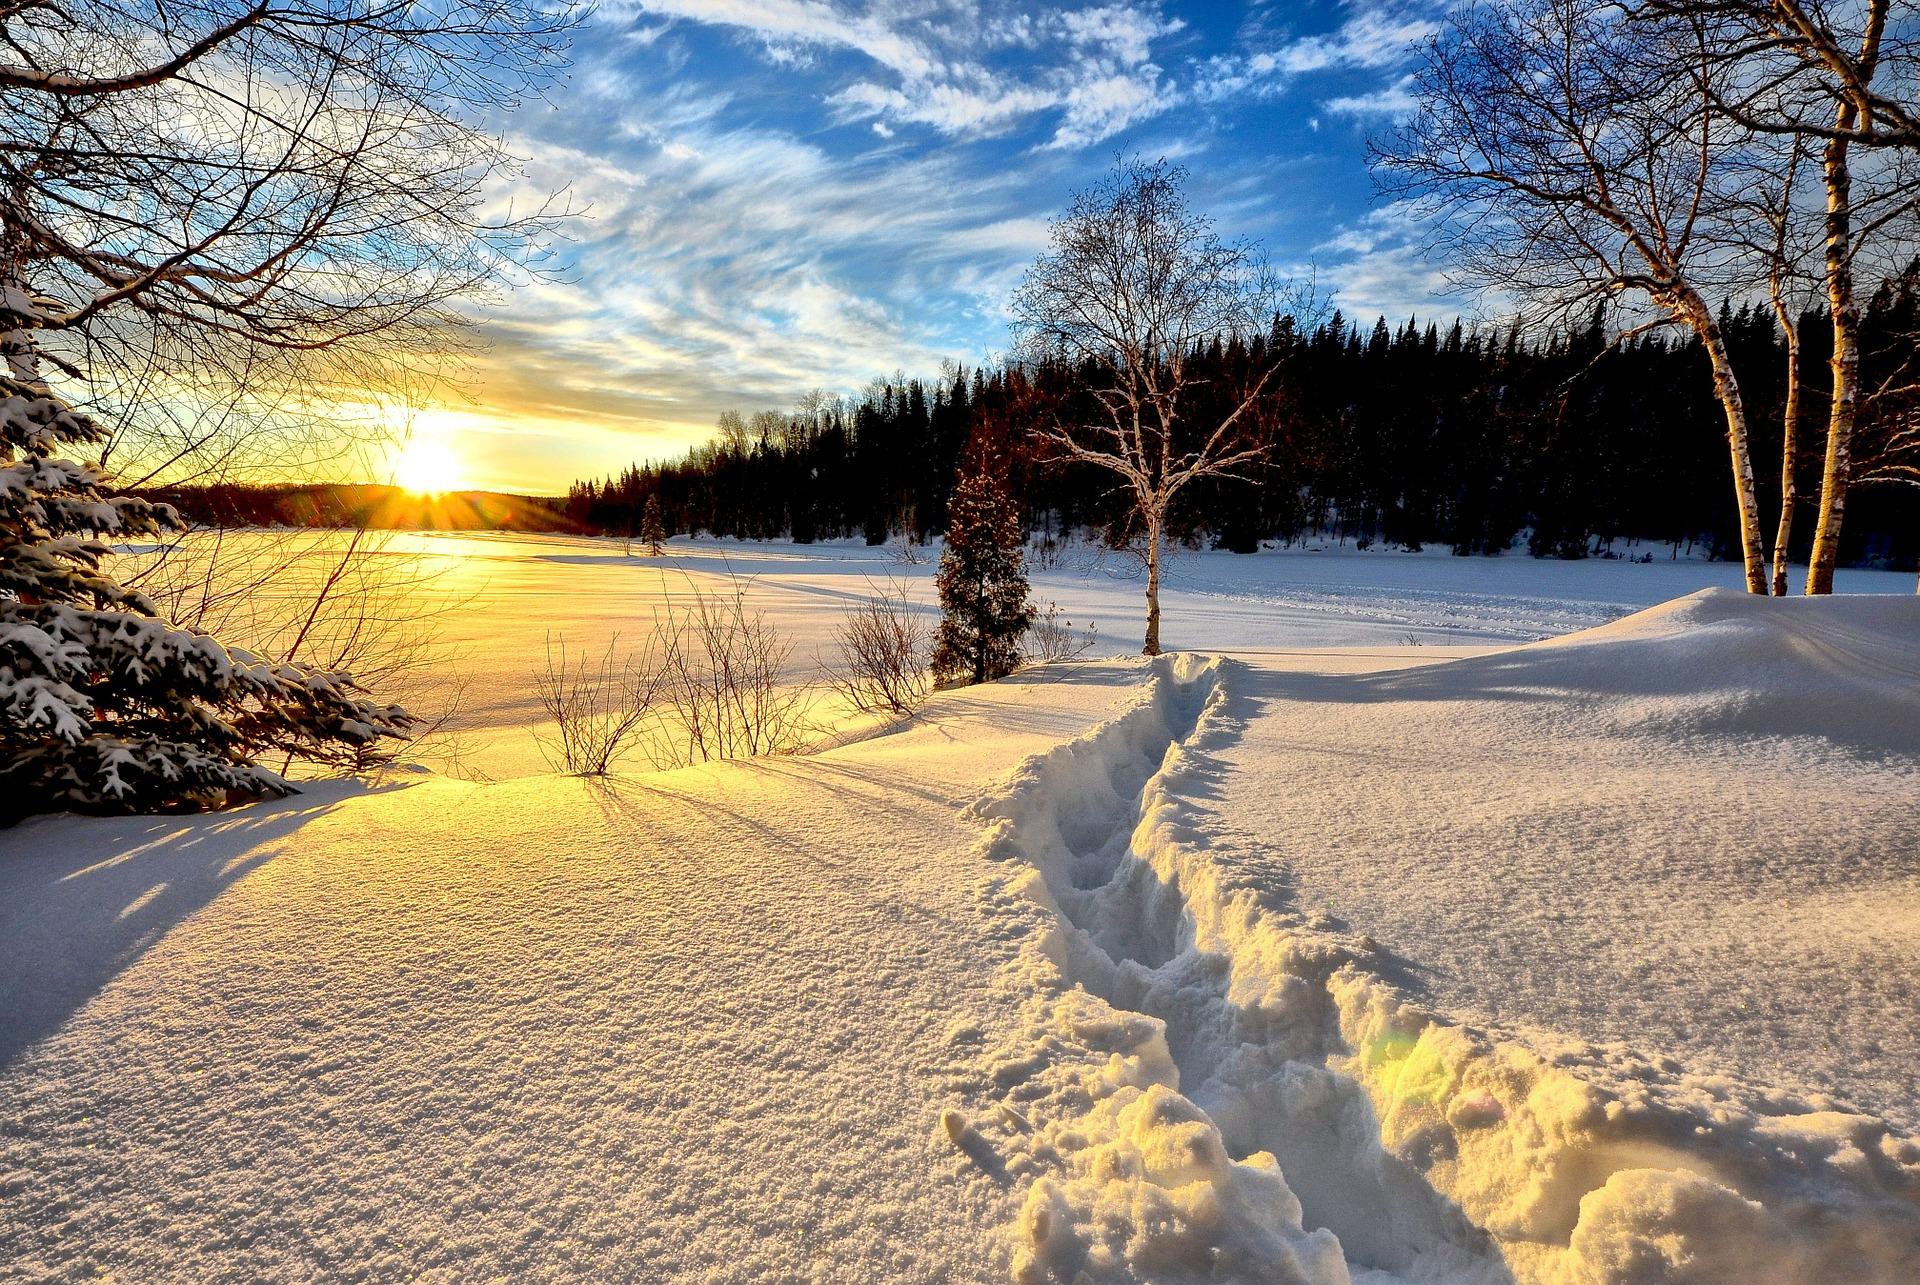 winter-landscape-636634_1920.jpg